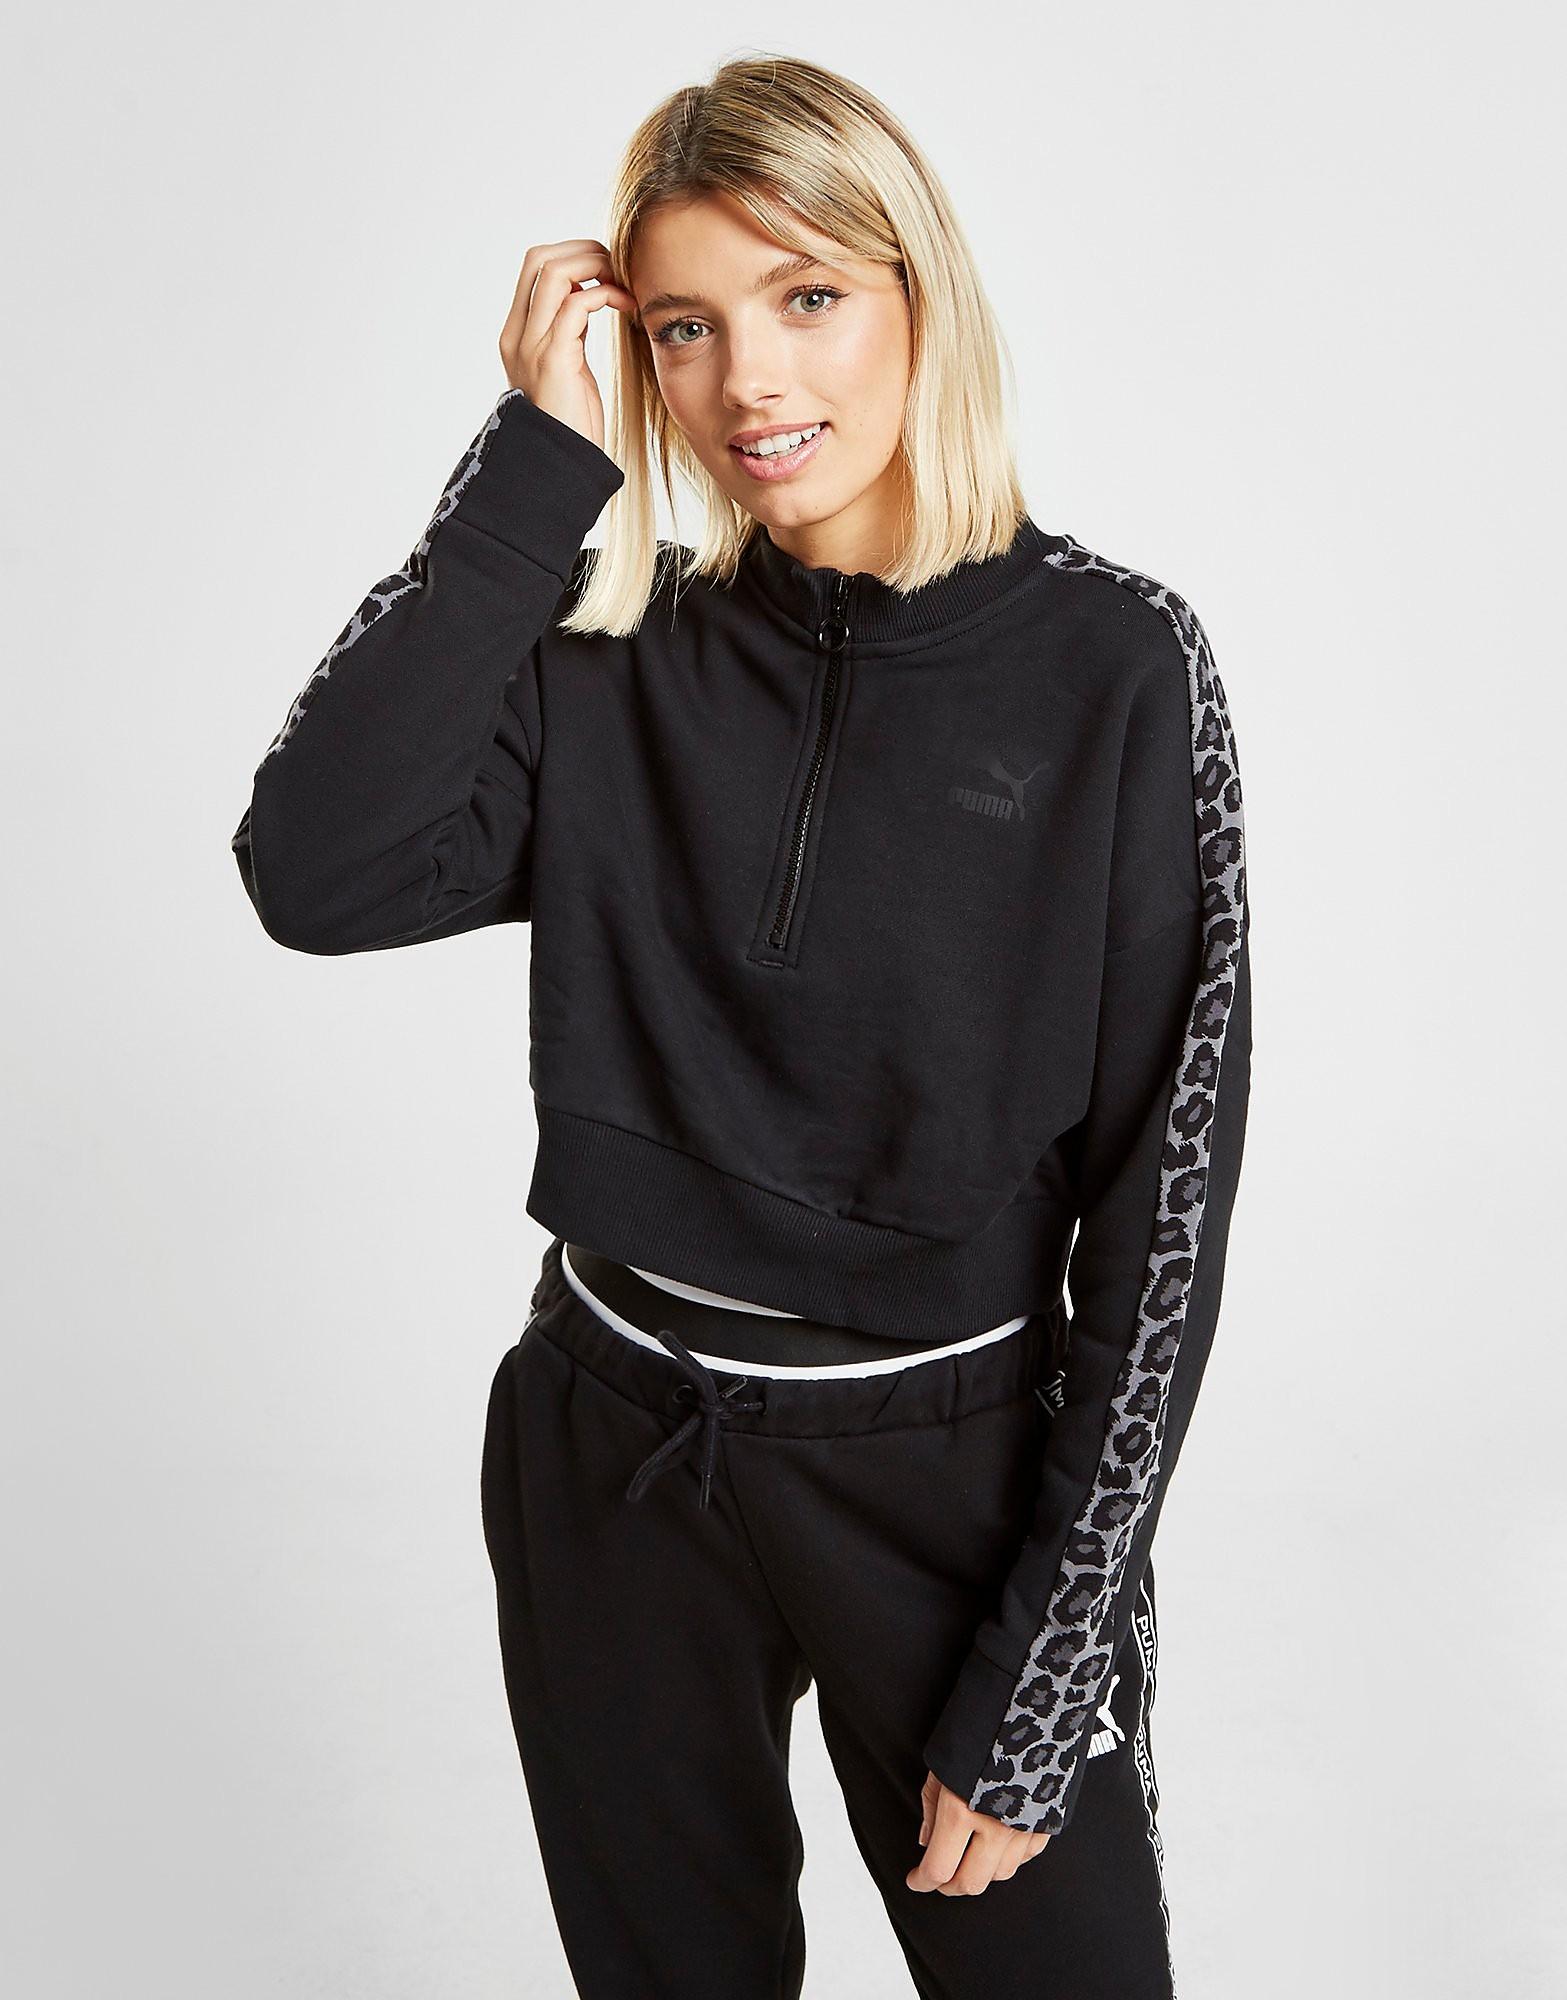 PUMA Leopard Crop 1/4 Zip Sweatshirt Dames - Zwart - Dames